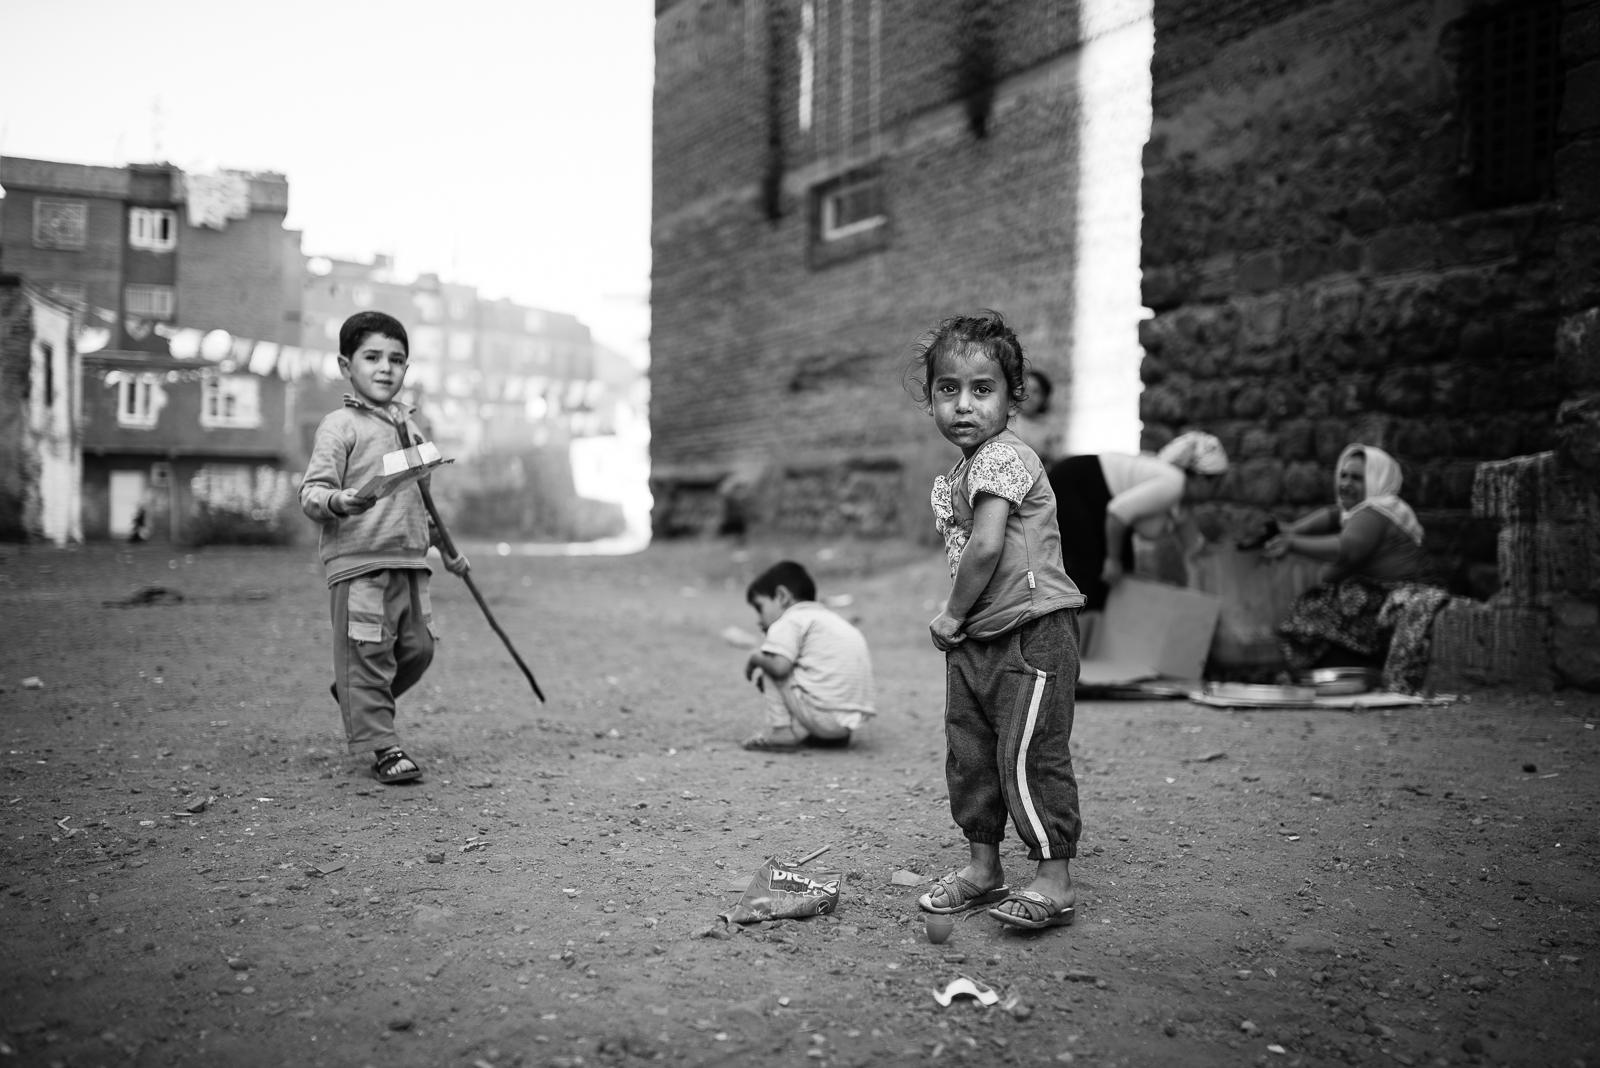 Children in Diyarbakir (Turkey)